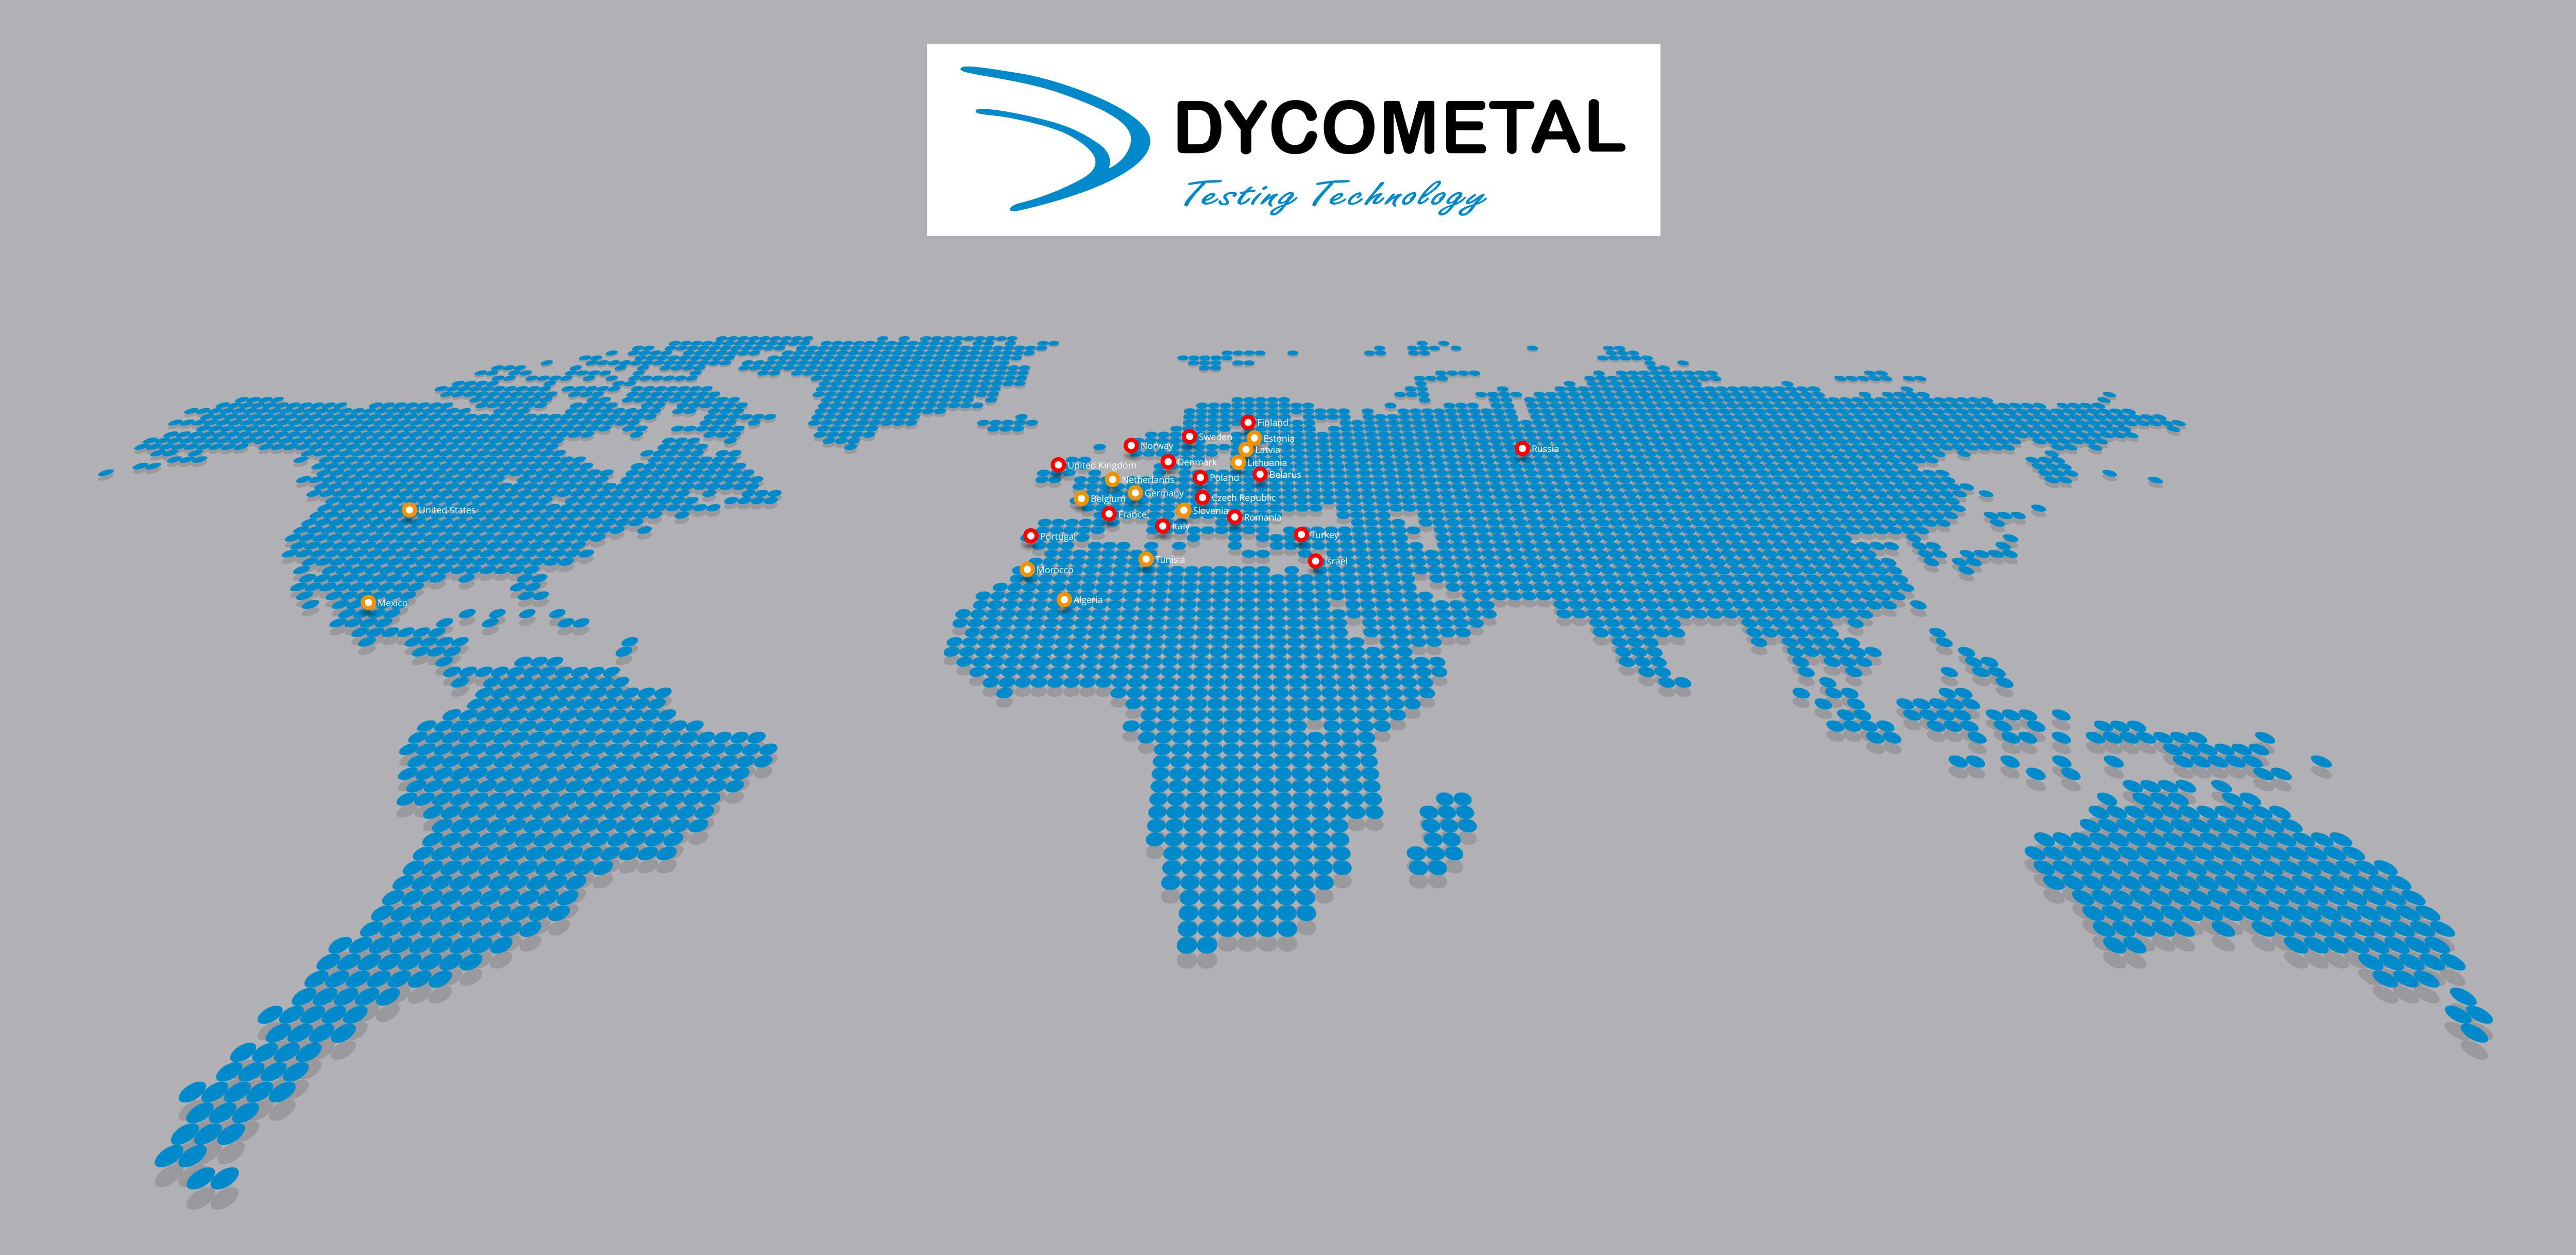 Distribución internacional, red comercial Dycometal